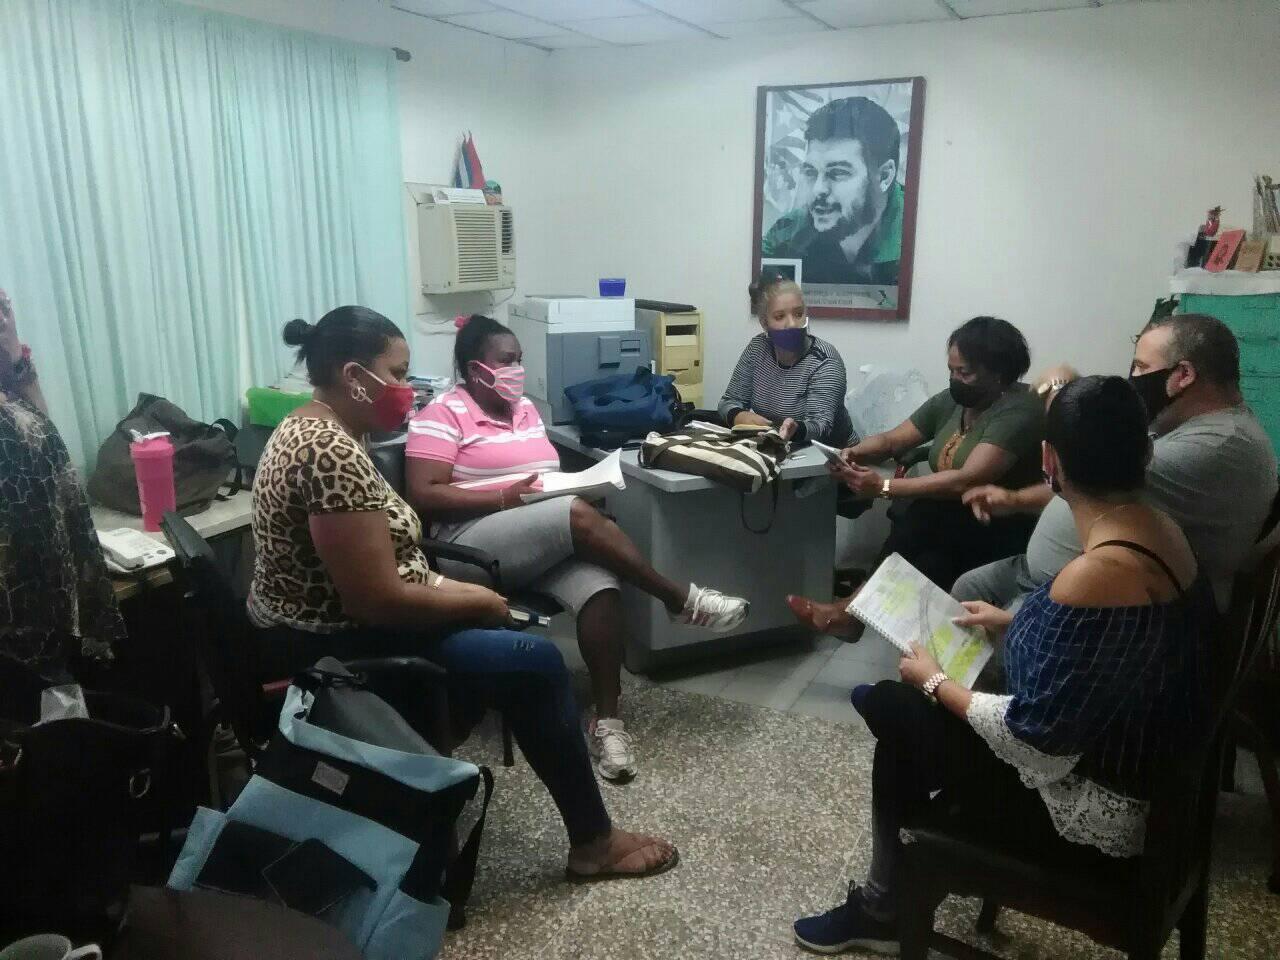 Grupo de trabajo del Consejo de Defensa Municipal. Foto: Cortesía de la autora